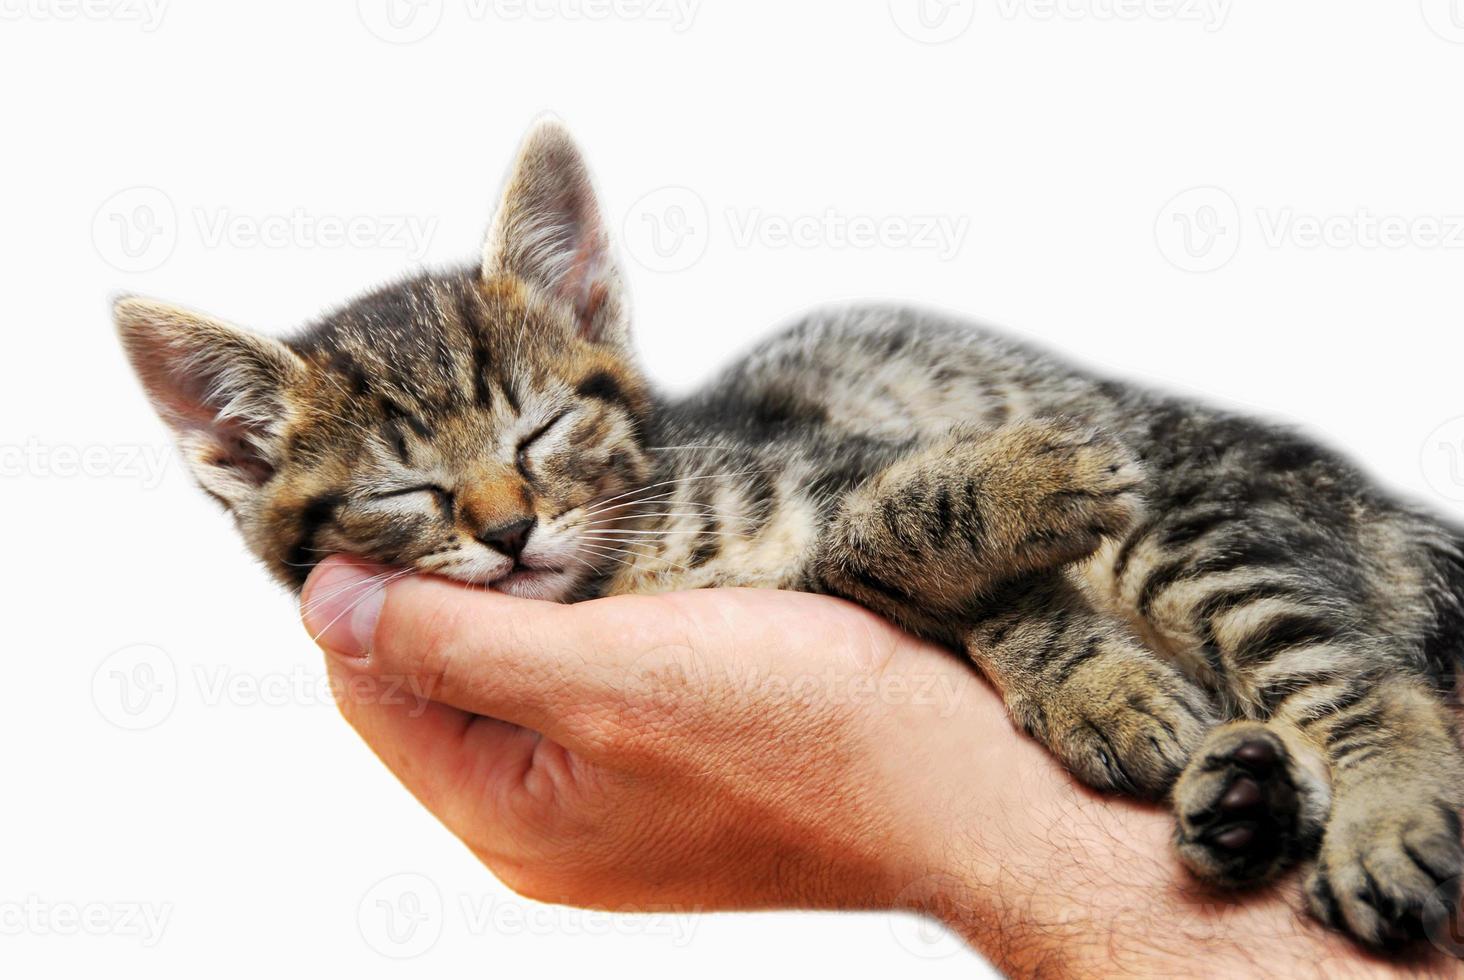 gatinho dormindo na palma da mão foto